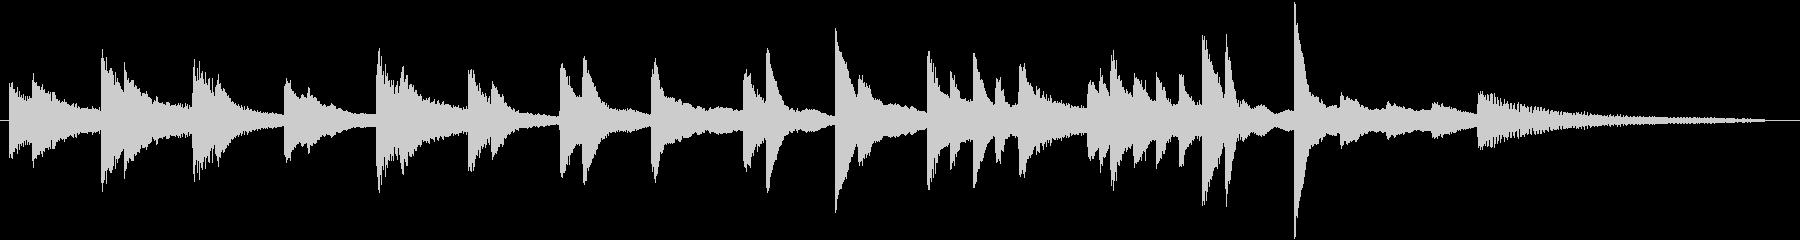 なだらかなメロディの長閑なピアノジングルの未再生の波形